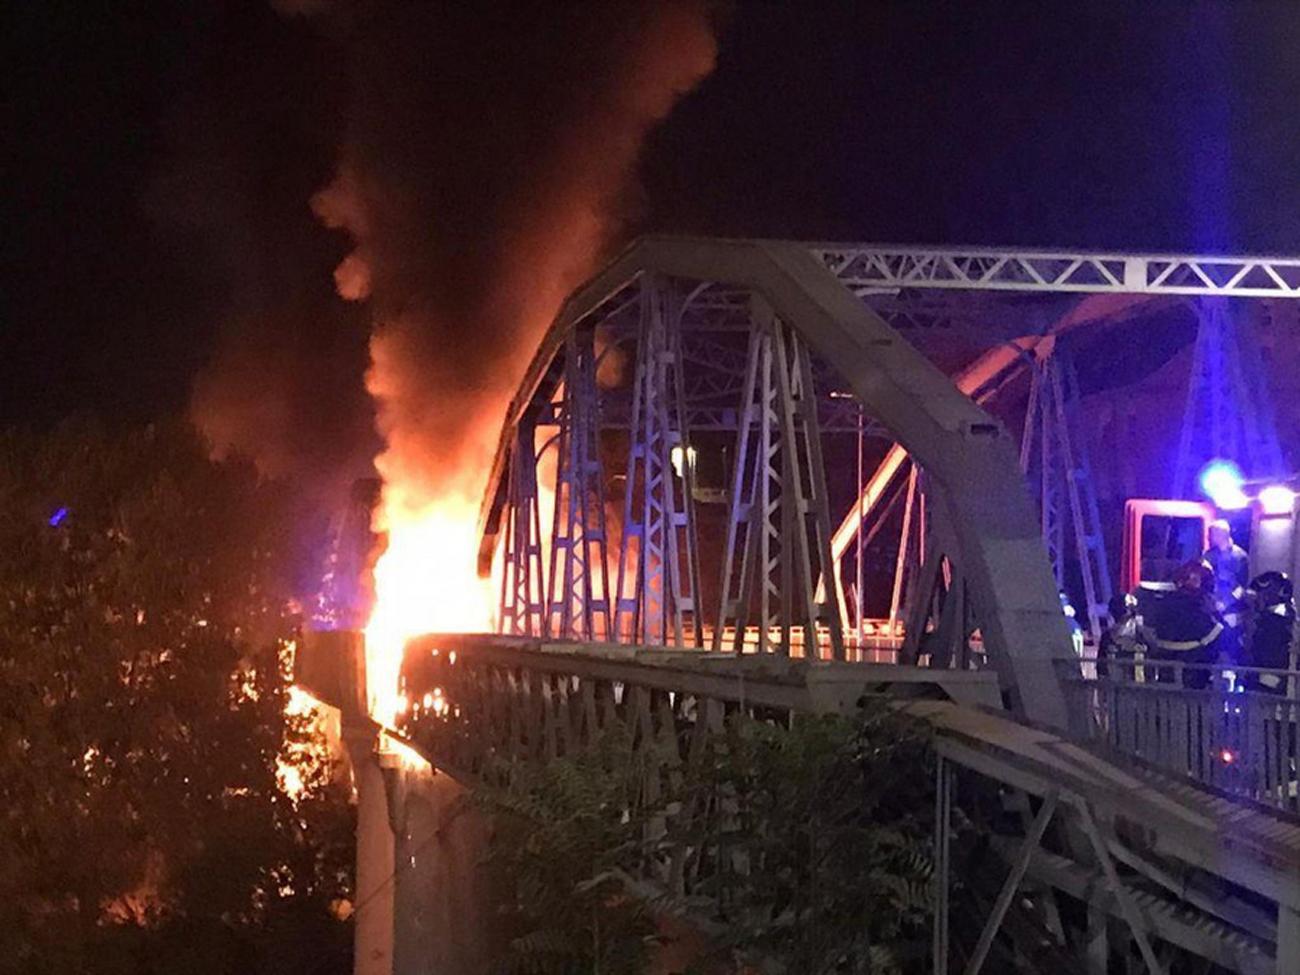 Ιταλία: Κατέρρευσε λόγω φωτιάς ιστορική μεταλλική γέφυρα στη Ρώμη – Απίστευτες εικόνες